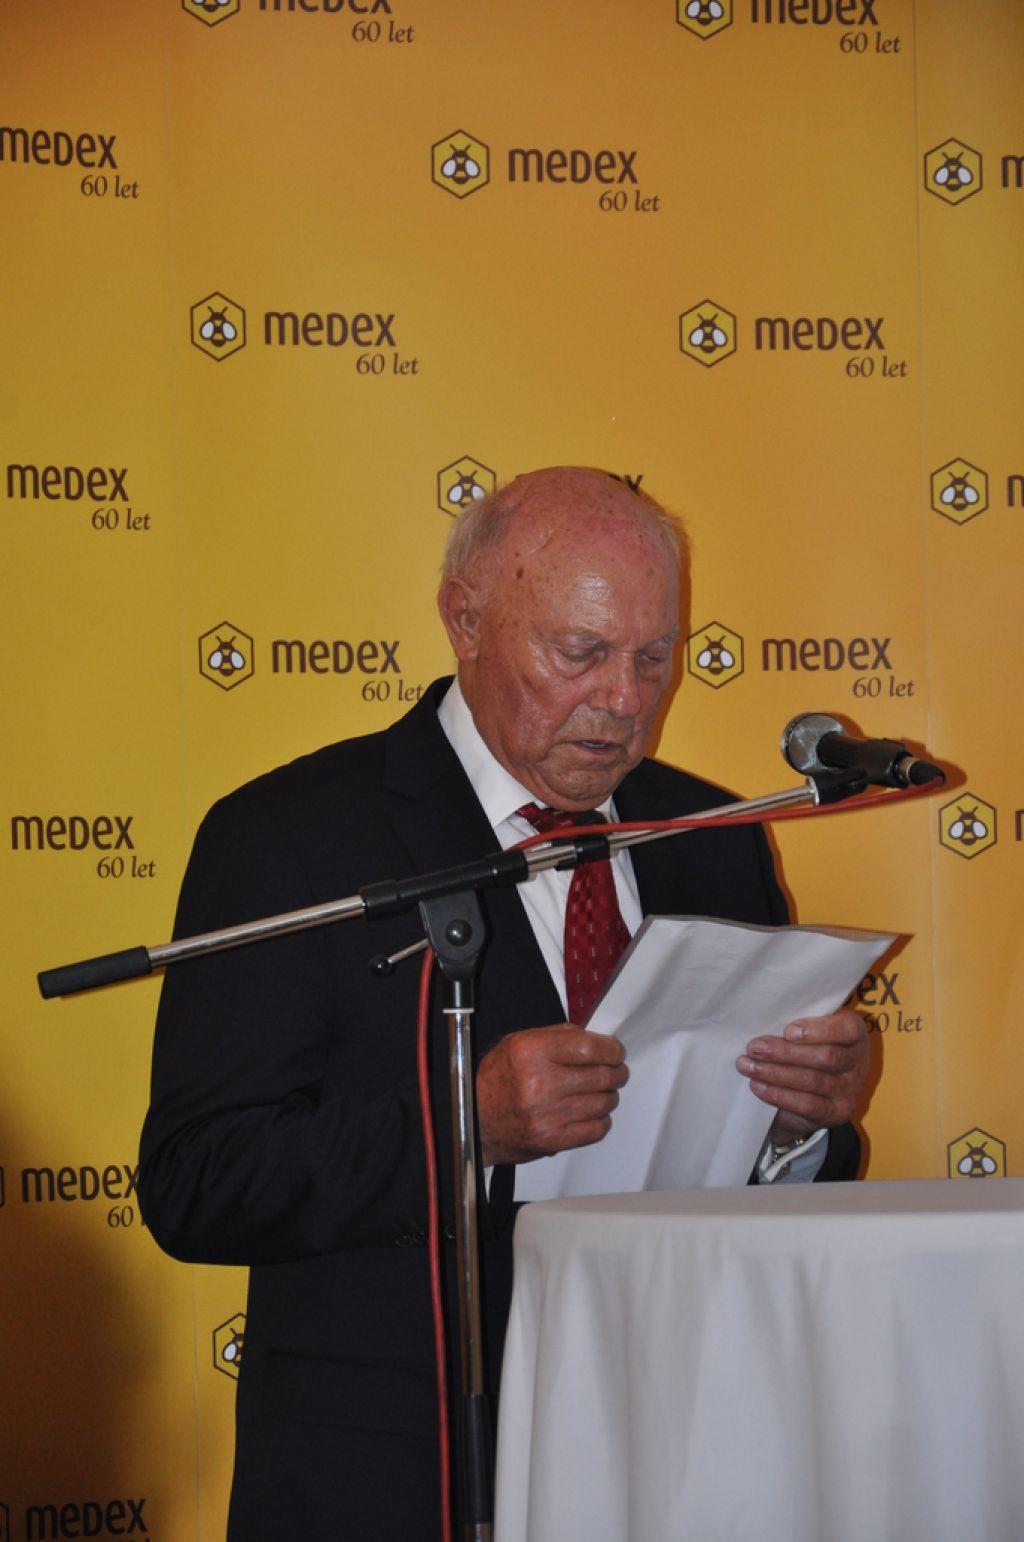 Združenje Manager se je poklonilo Alešu Mižigoju za njegovo življenjsko delo